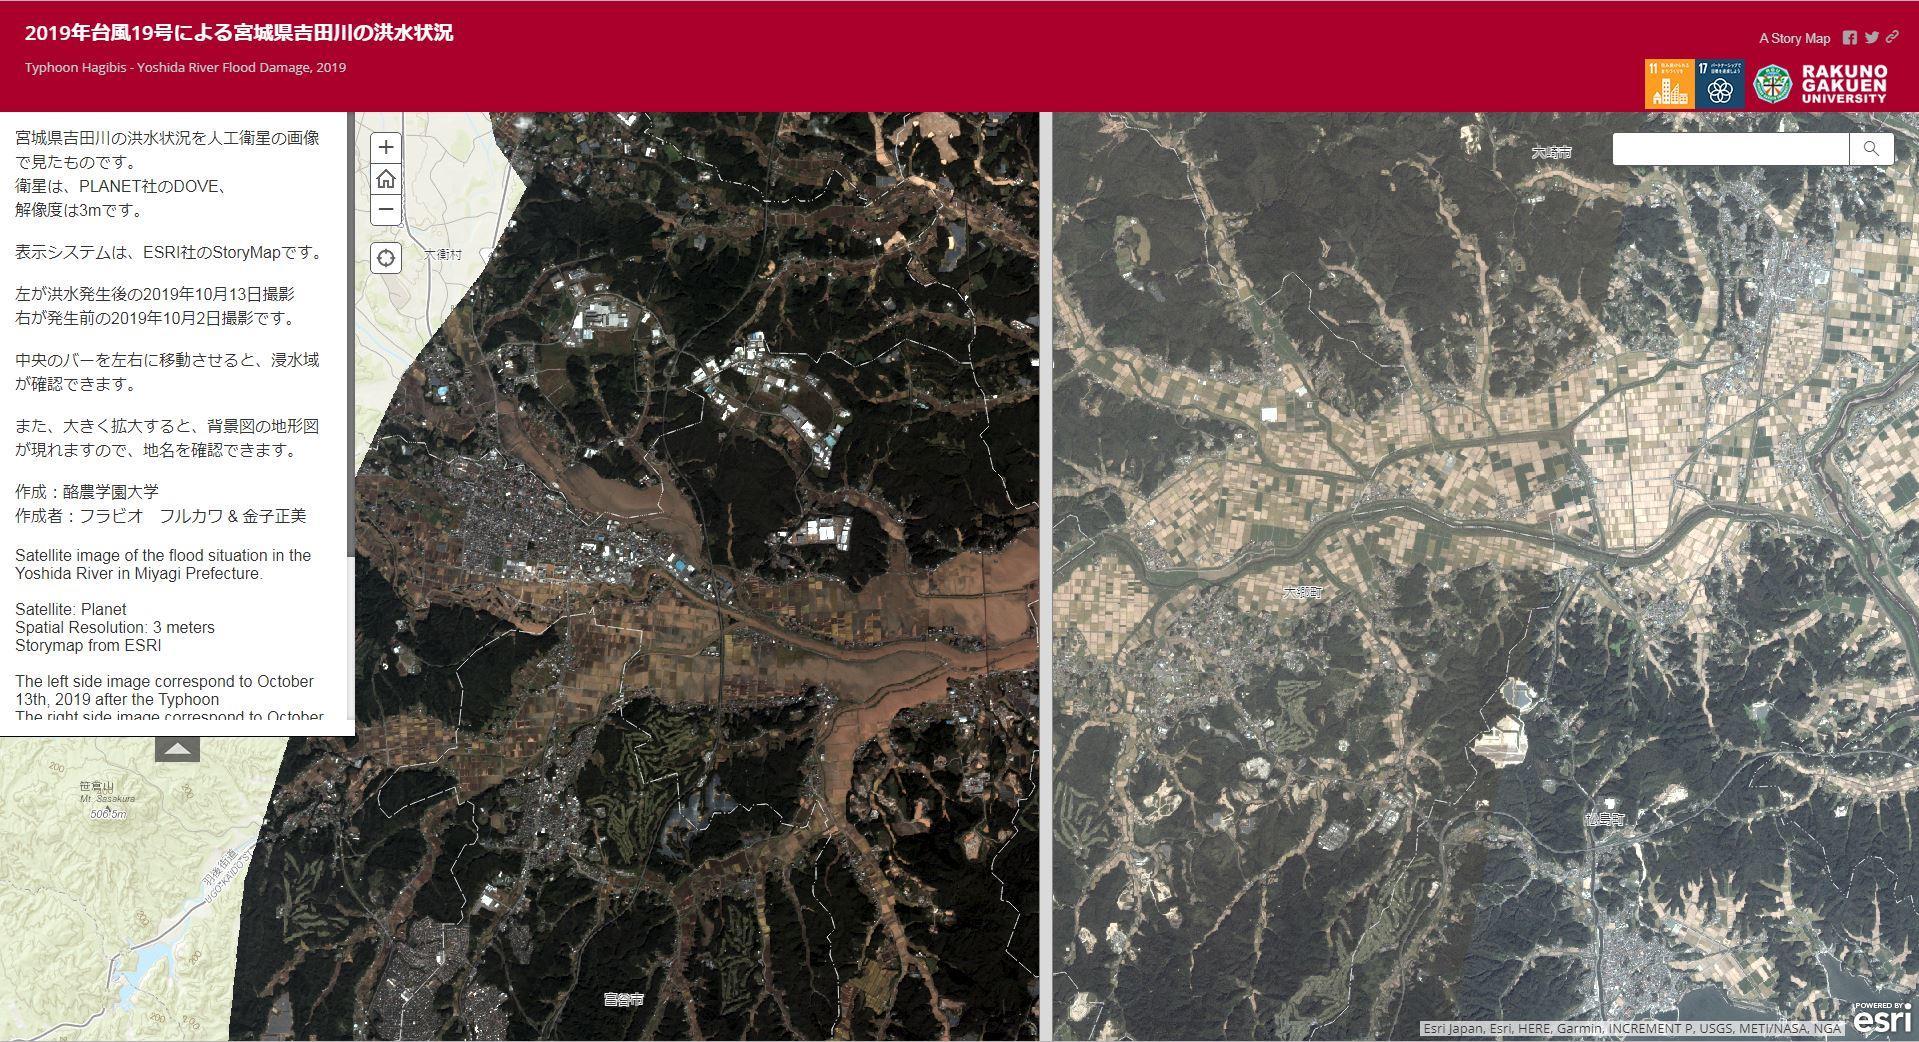 酪農学園大学の金子正美教授がGISを用いて台風19号による洪水状況を可視化